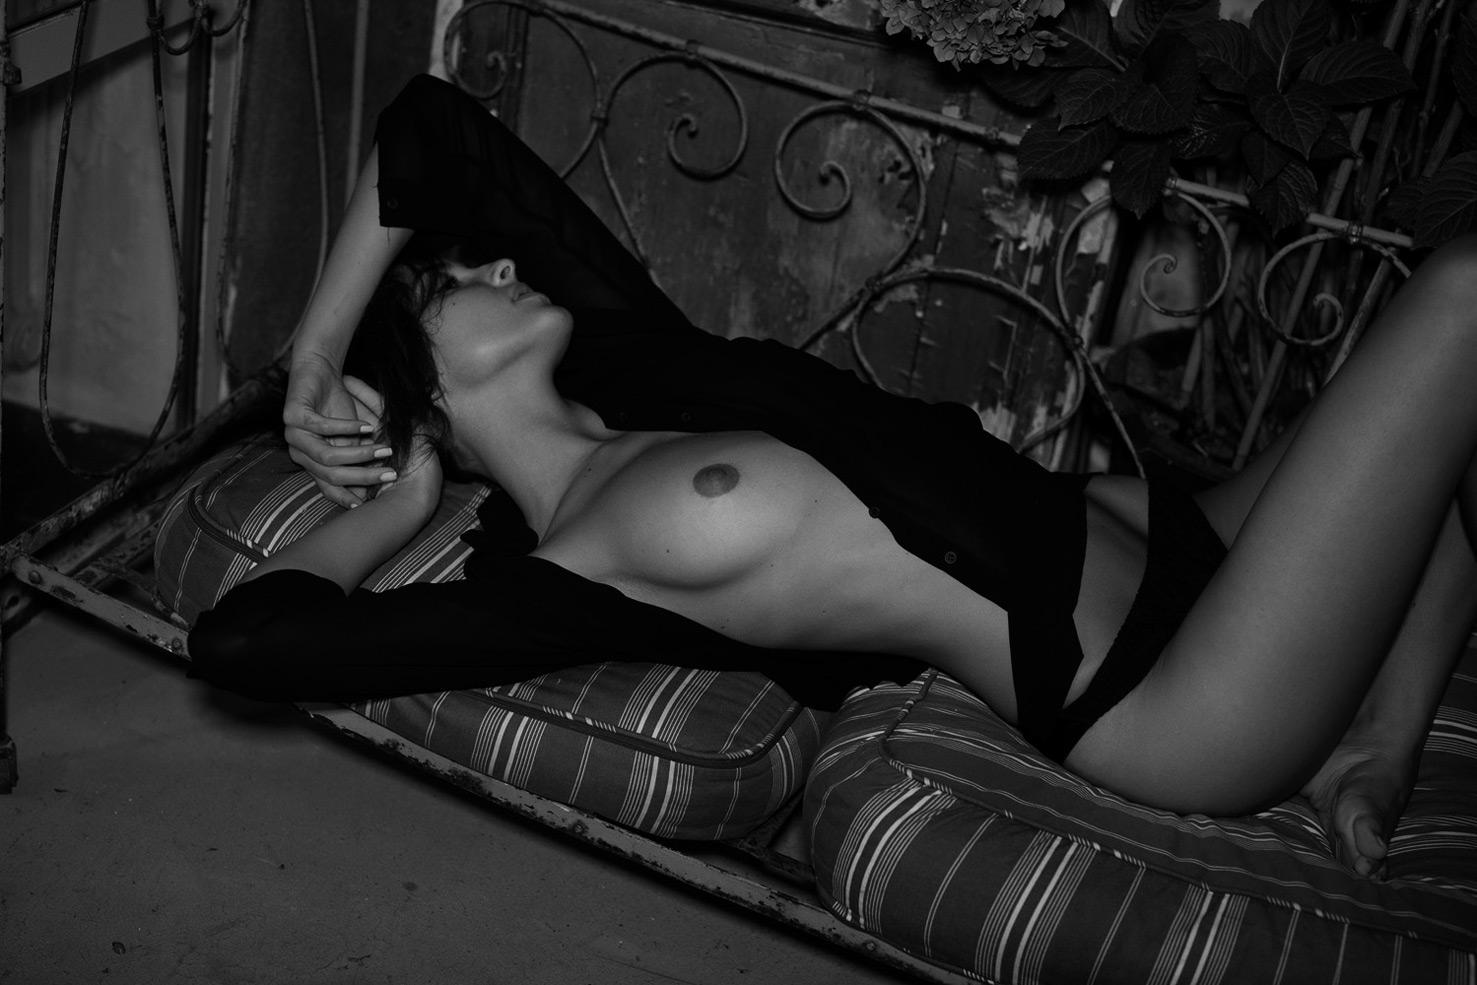 Эрика Альбонетти / Erika Albonetti nude by Peter Coulson - NU Expo